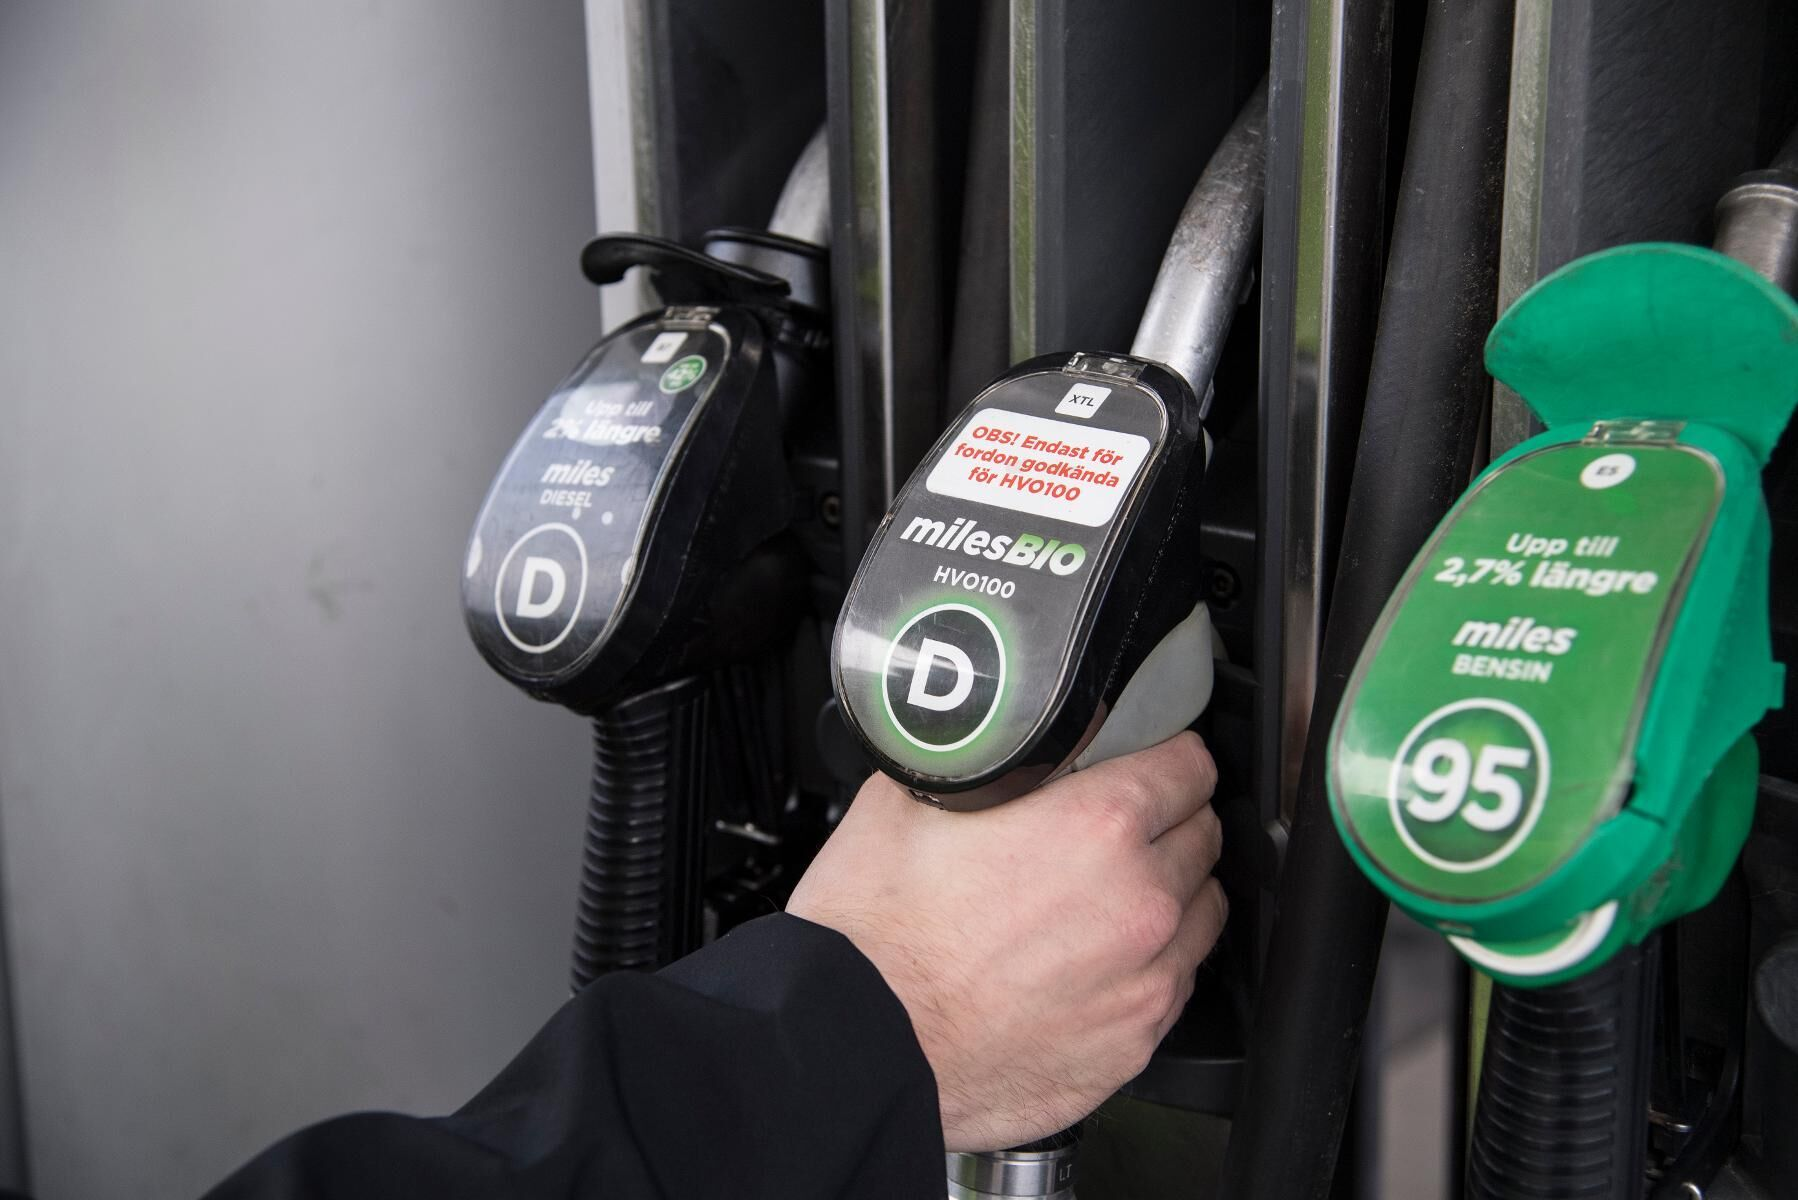 Det nya riktpriset för diesel ligger nu på 14,28 kronor per liter vid bemannade mackar.